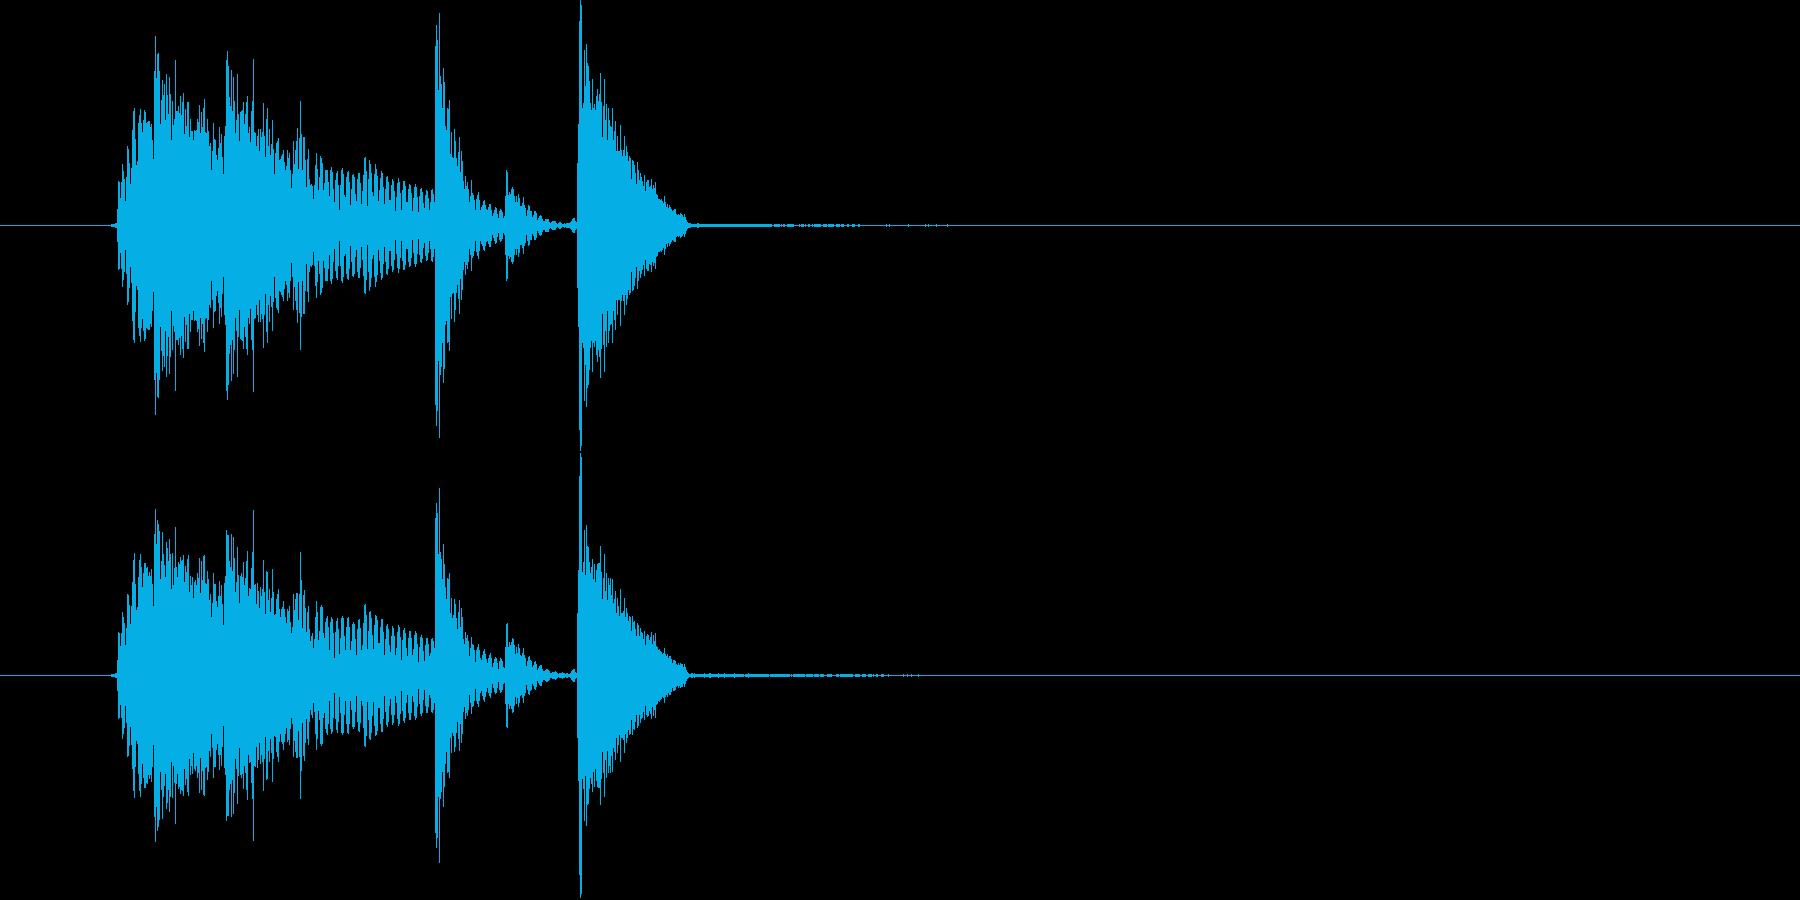 GO(掛け声)の再生済みの波形